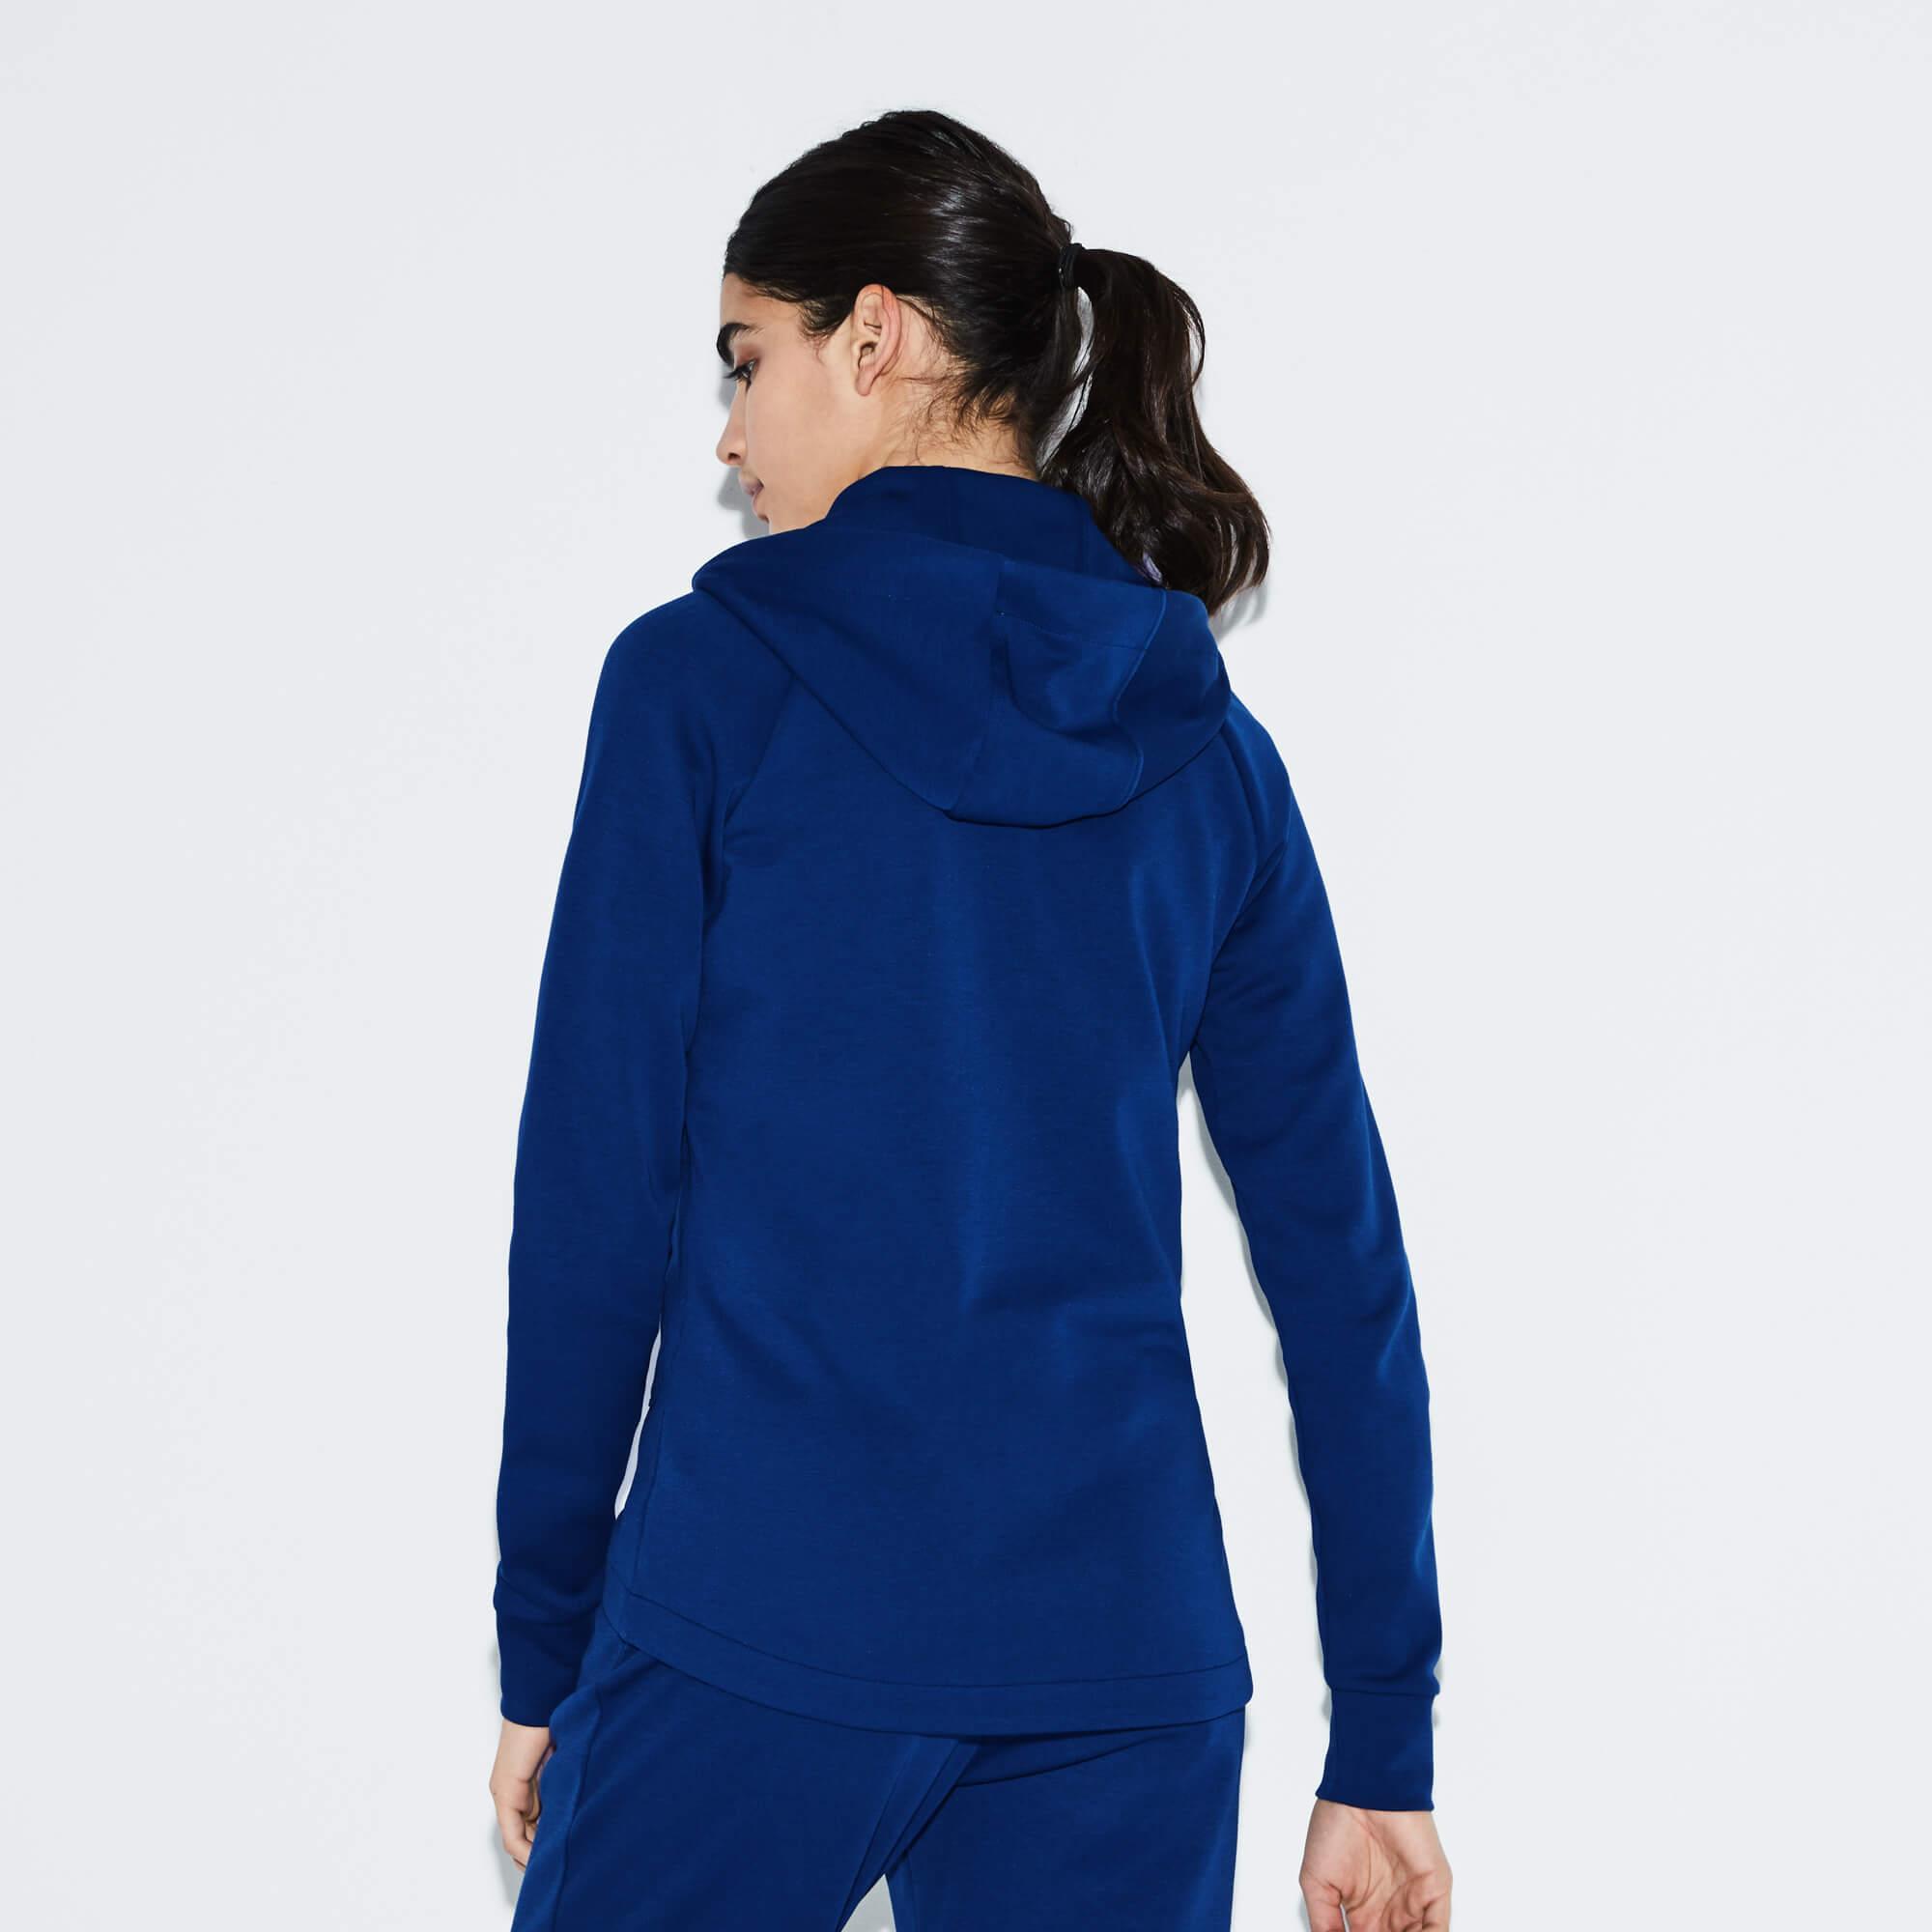 Lacoste Sport Kadın Kapüşonlu Mavi Sweatshirt